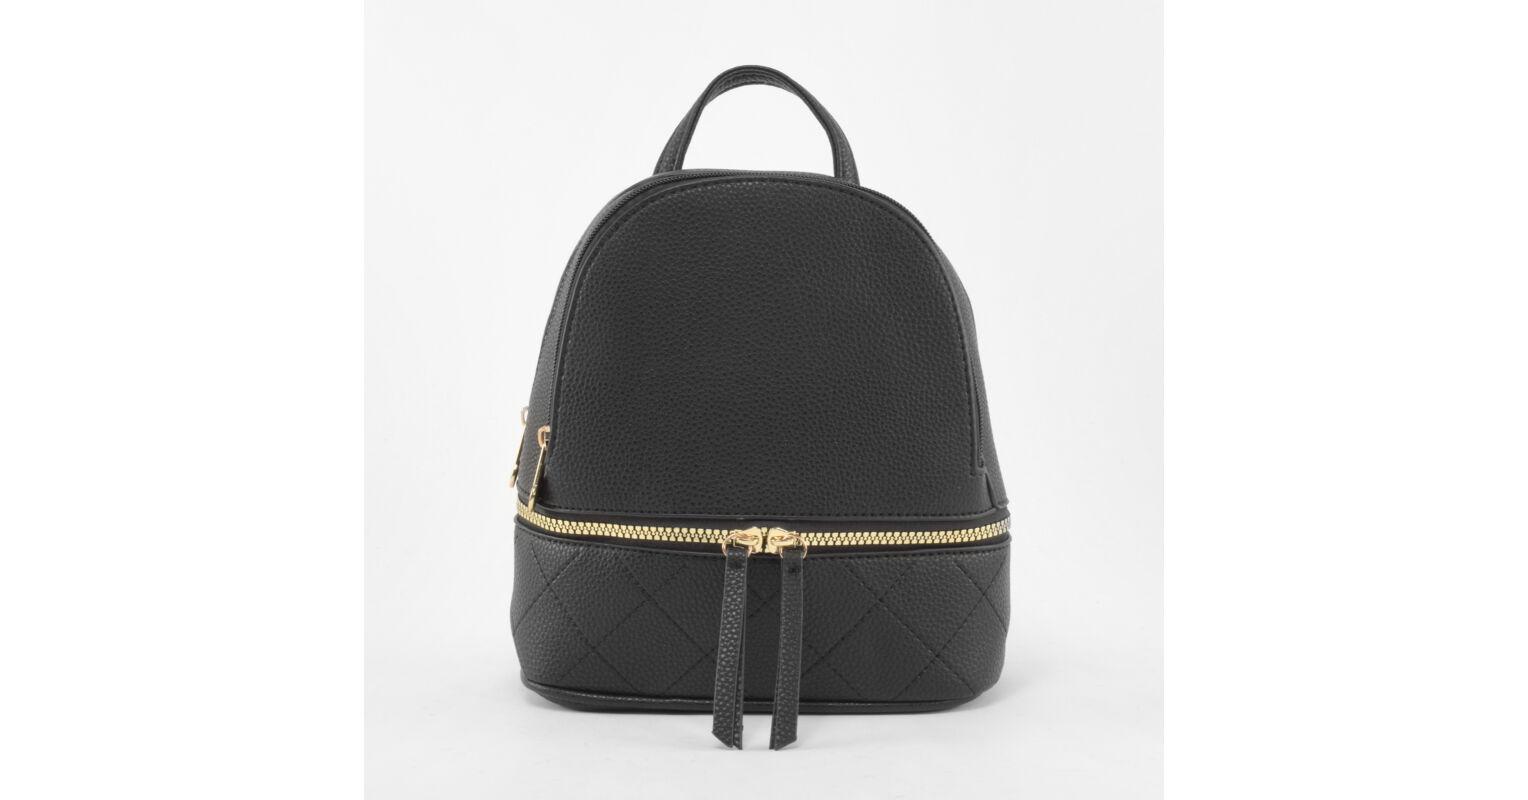 dcfbe0e7acf7 Erick Style kisméretű Fekete Női Műbőr hátizsák és válltáska - Műbőr -  Táska webáruház - Minőségi táskák mindenkinek